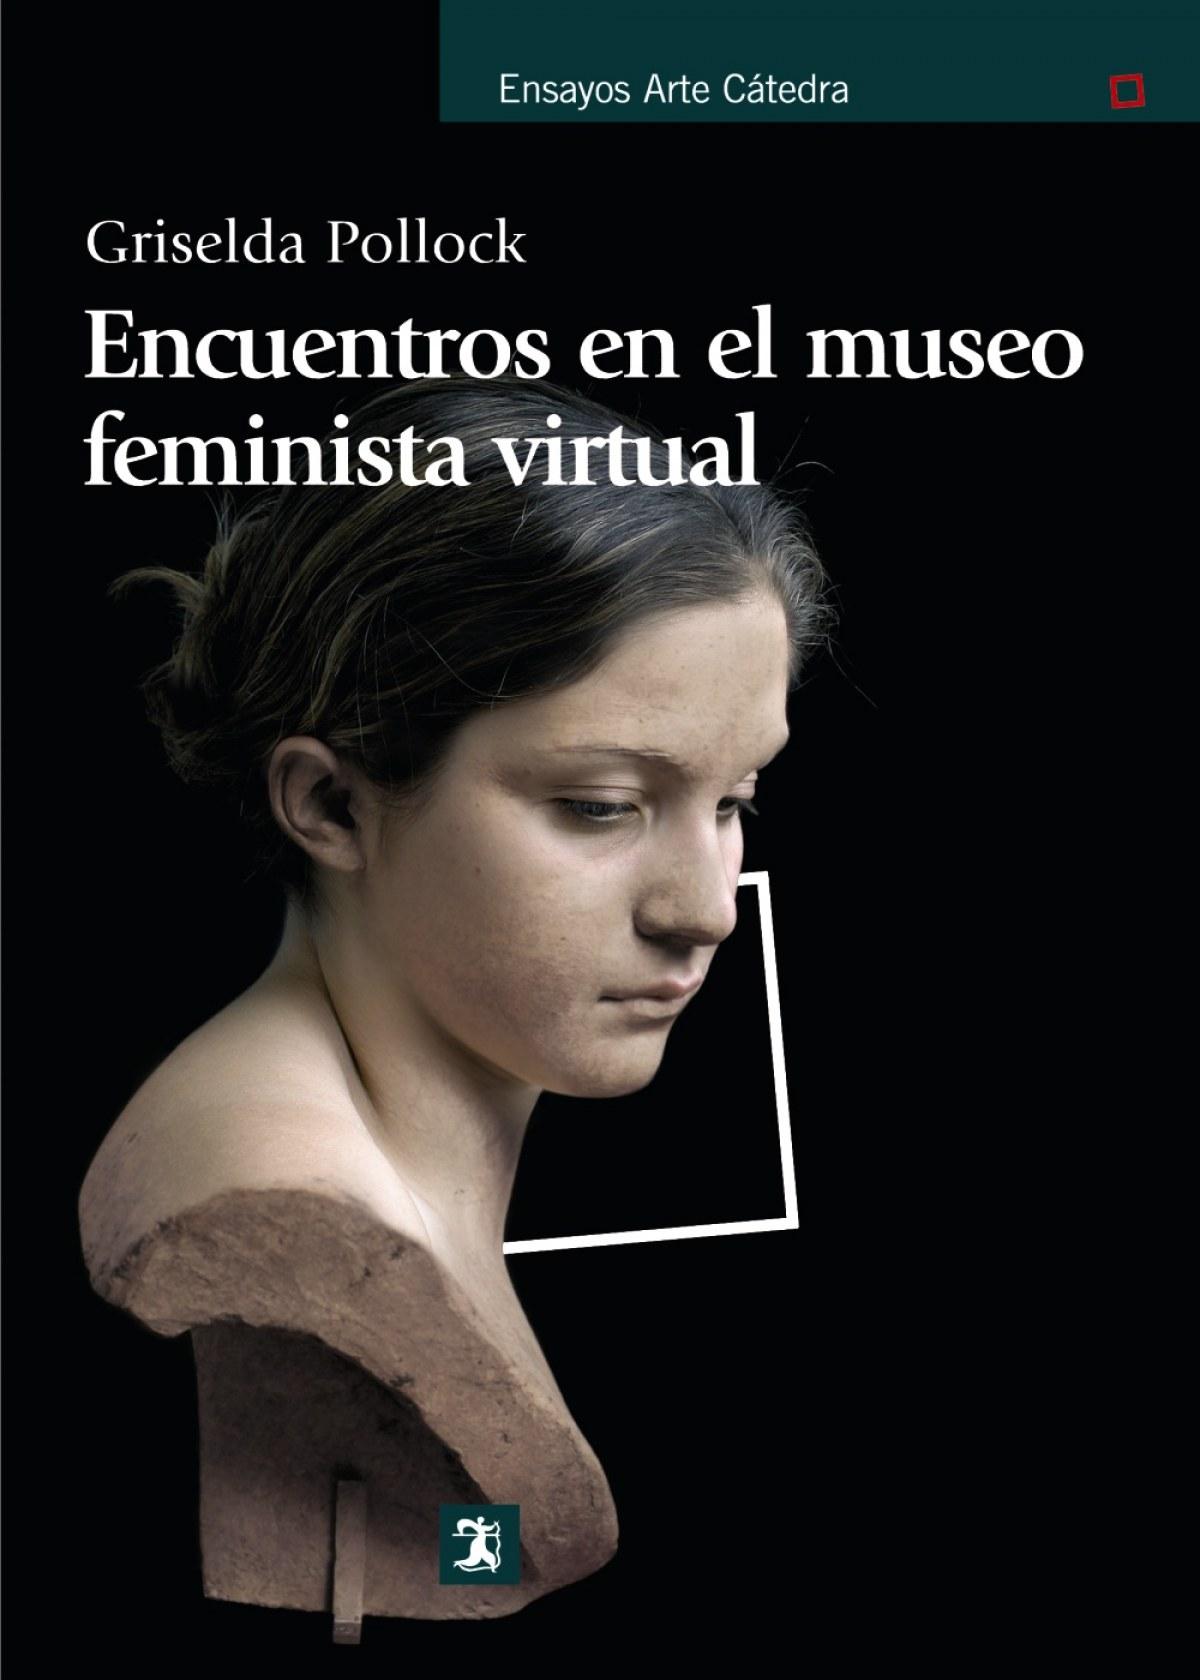 Encuentros en el museo virtual feminista